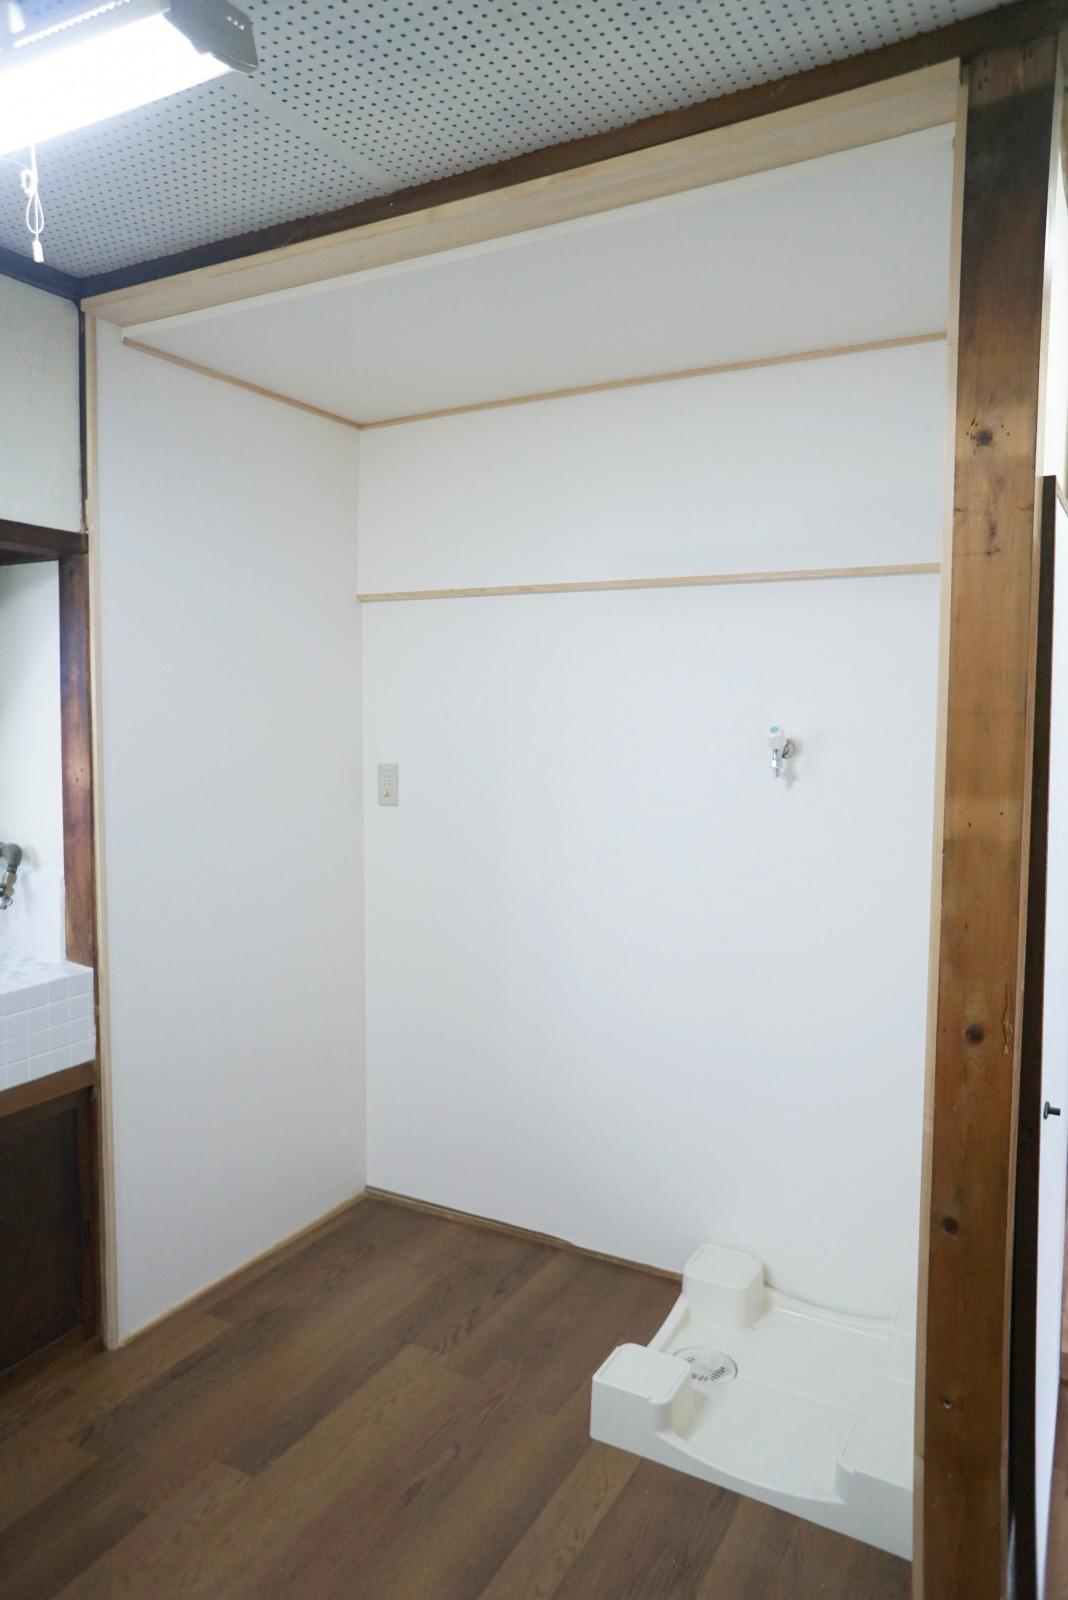 元々押し入れだった場所をキッチン側に改修、洗濯機もここに。